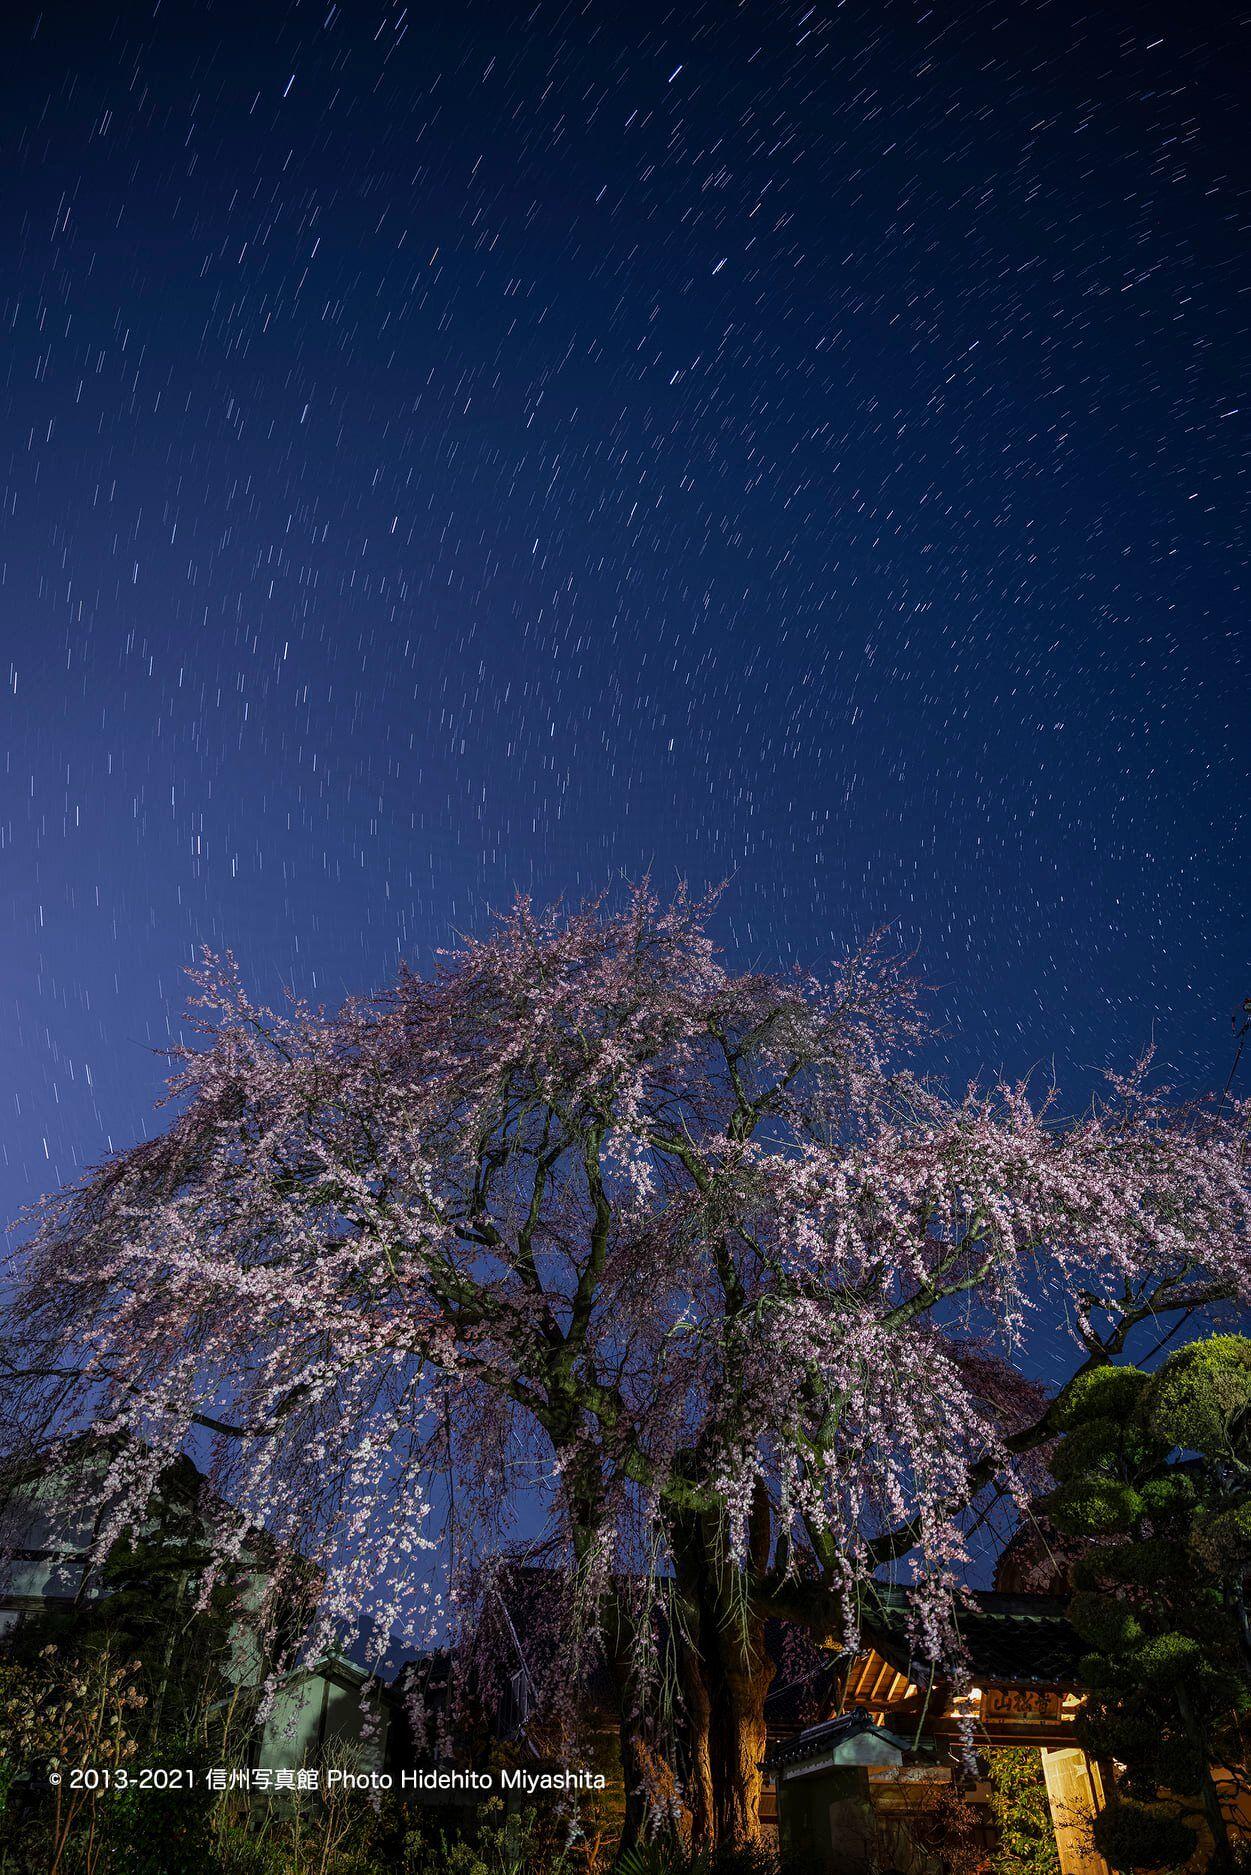 星夜の黄梅院